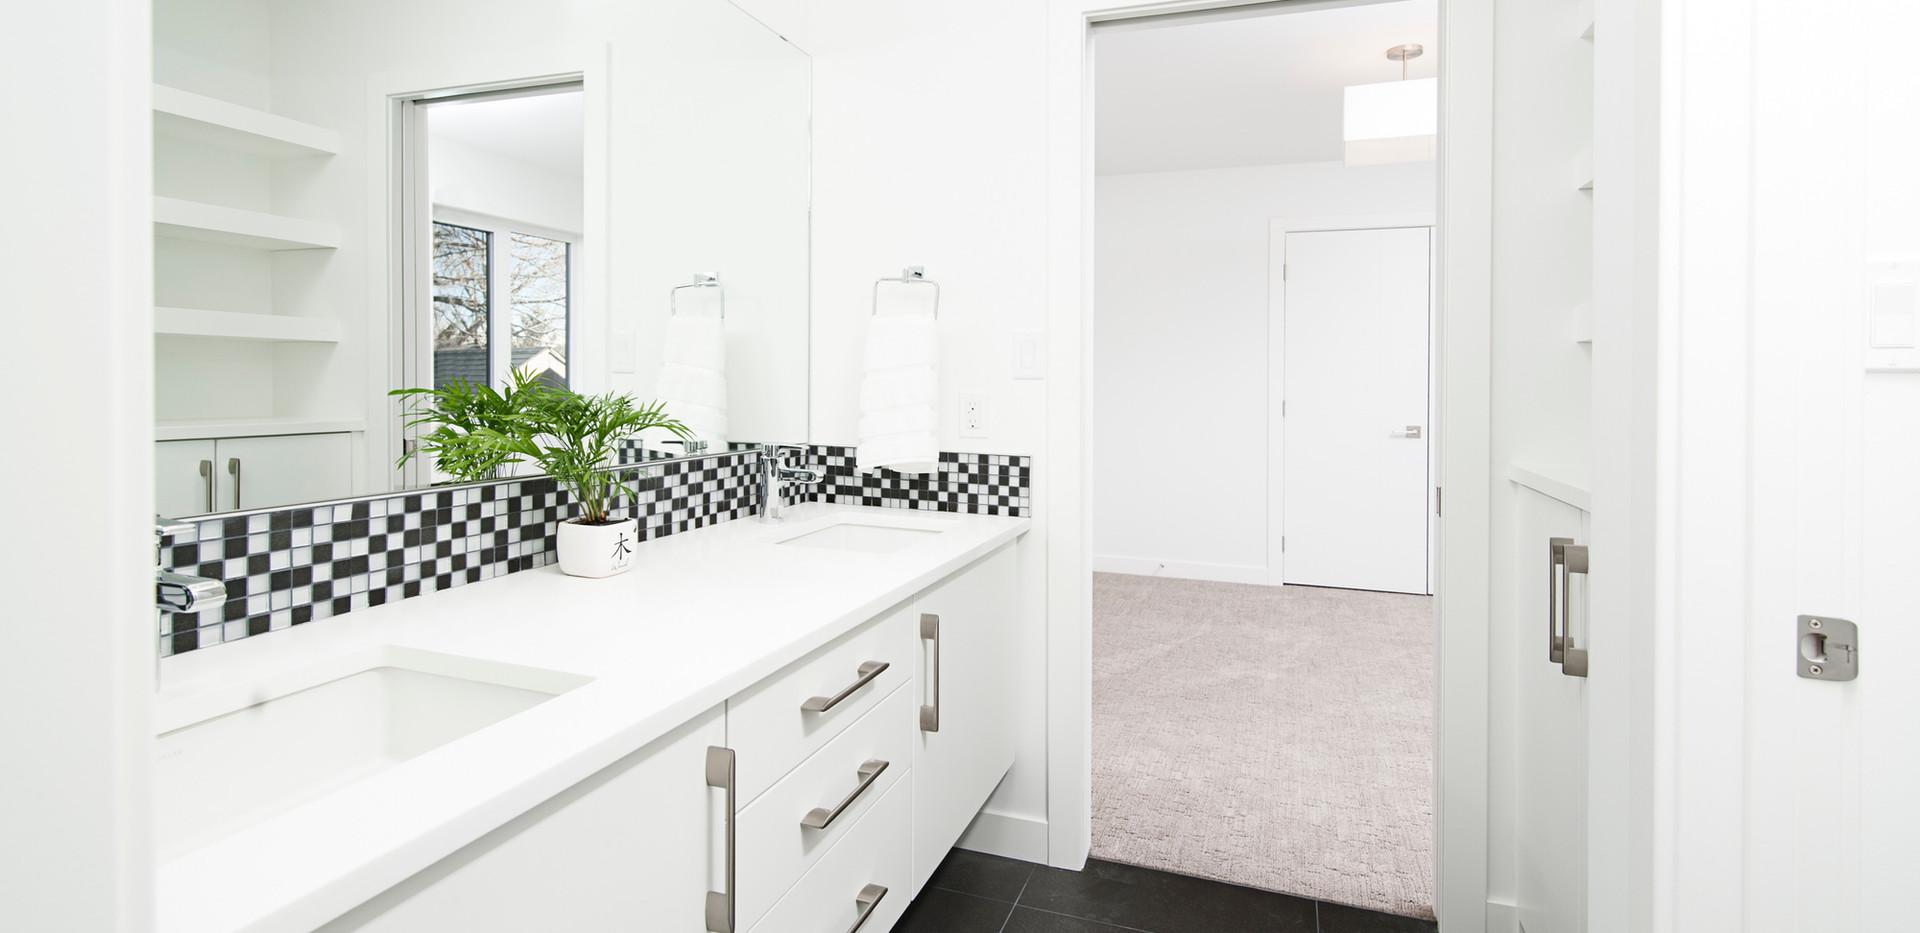 Bathroom Cabinets Refacing PRJ 01